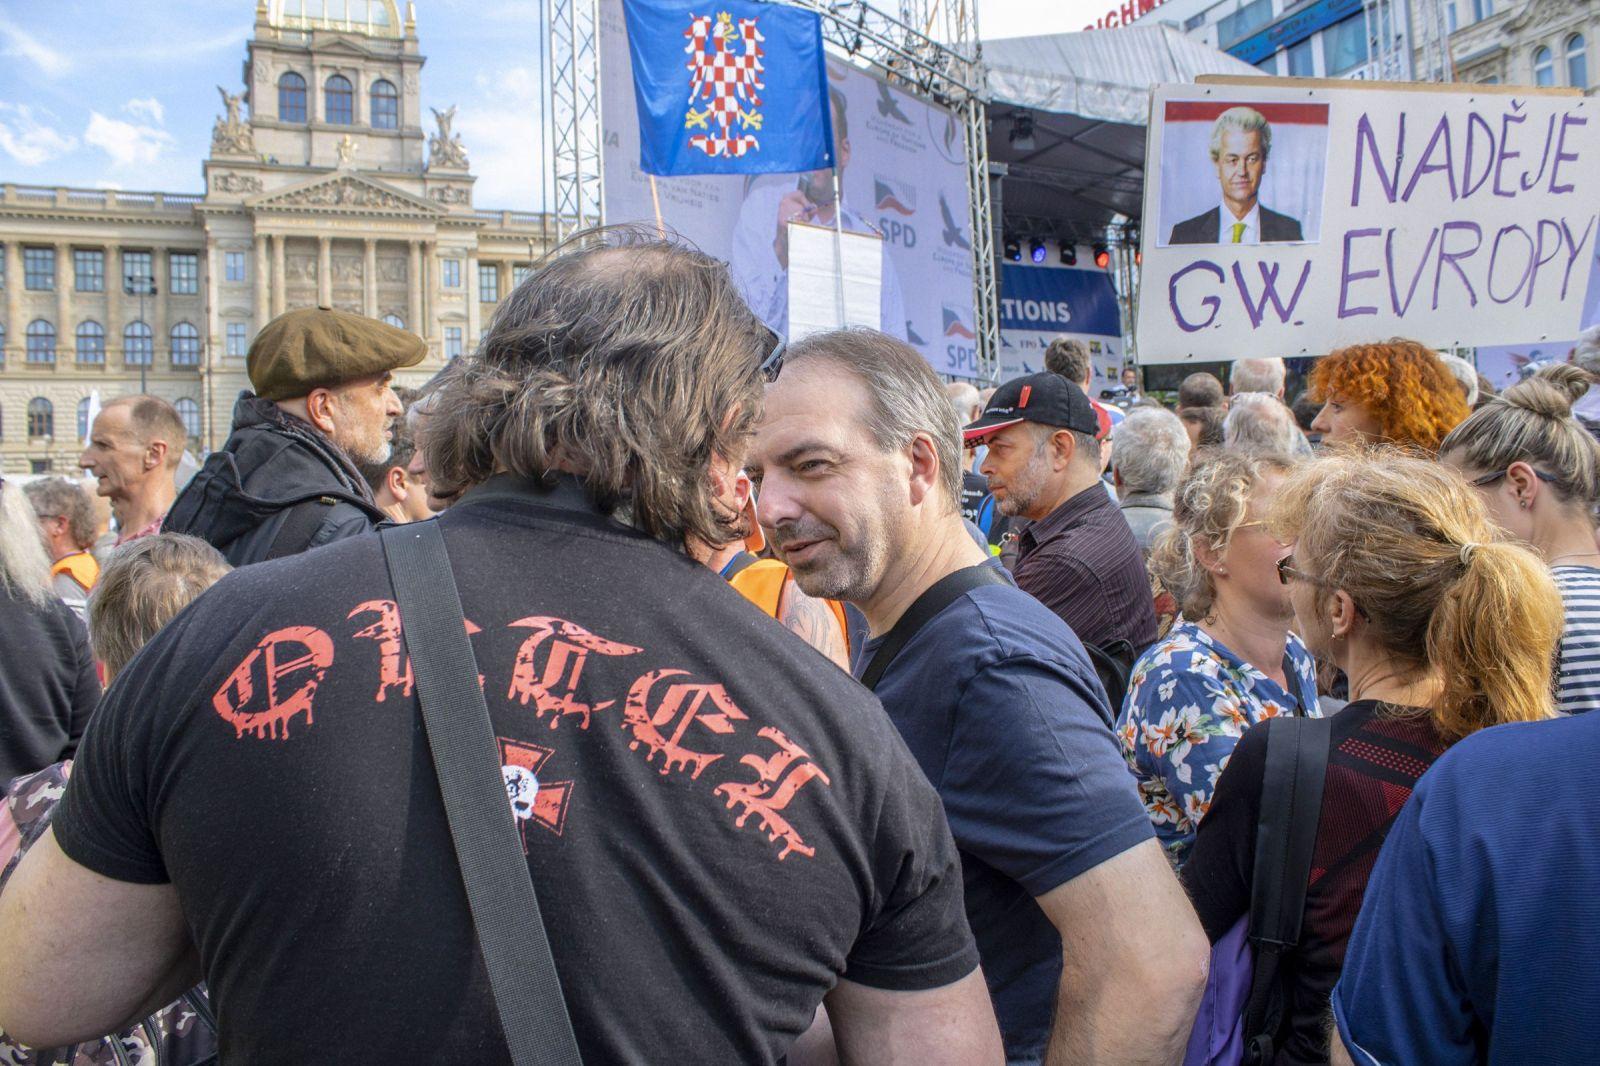 Muž dostal za hajlování na Václavském náměstí podmínku a pokutu 30 tisíc